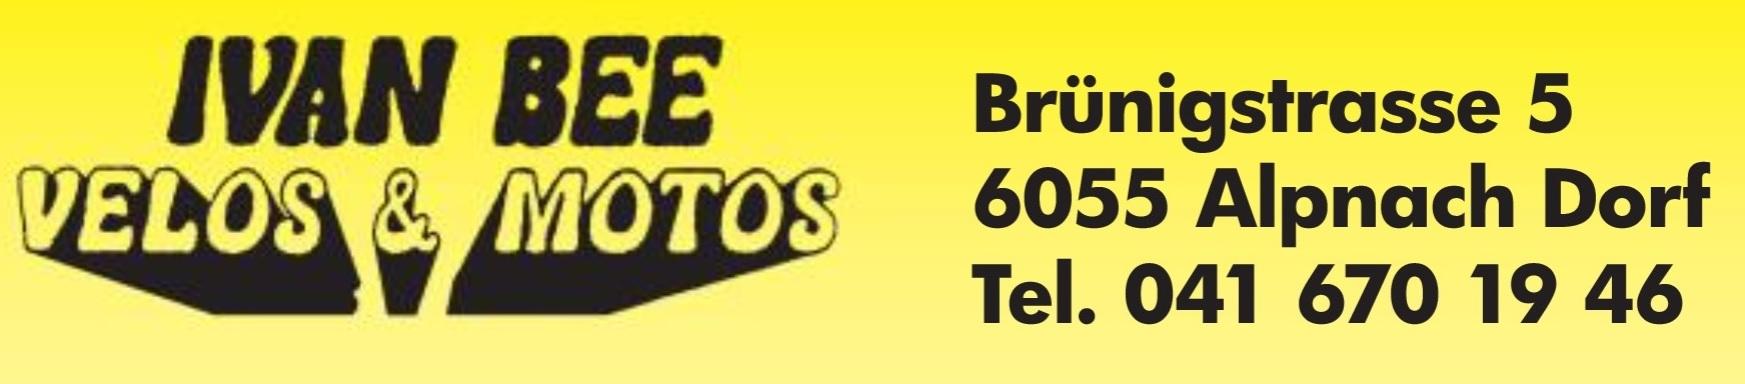 logo_ivan-bee_velos.jpg